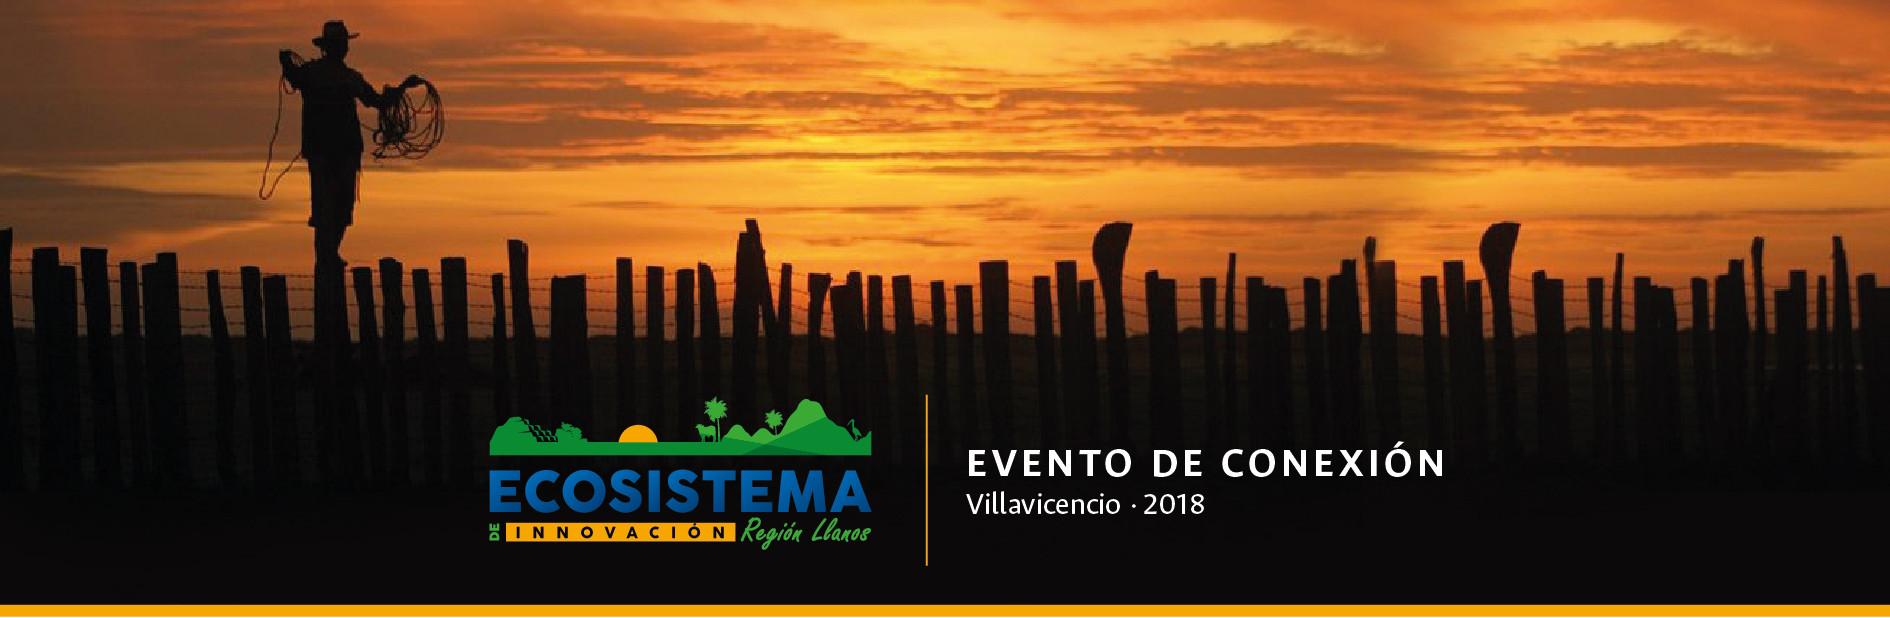 Presentación Ecosistema de Ciencia, Tecnología e               Innovación para la región Llanos / Premiación               Reconocimiento al Espíritu Innovador UN 2017